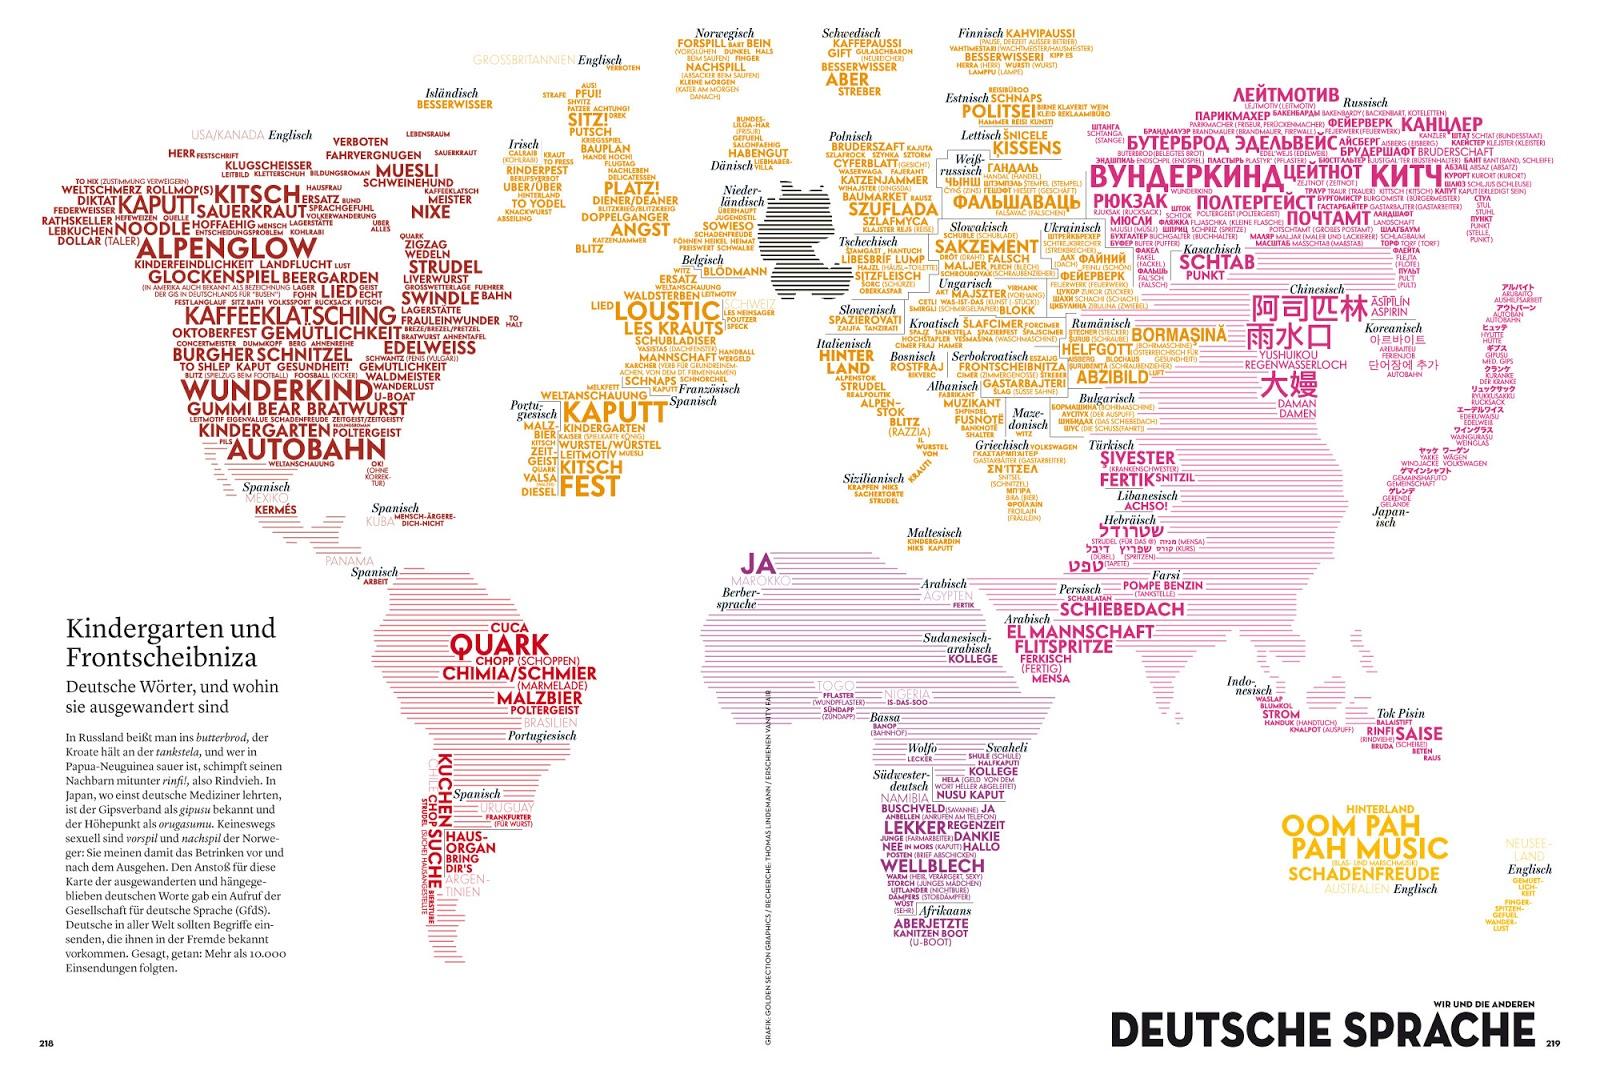 deutsch heute ausgewanderte deutsche w246rter